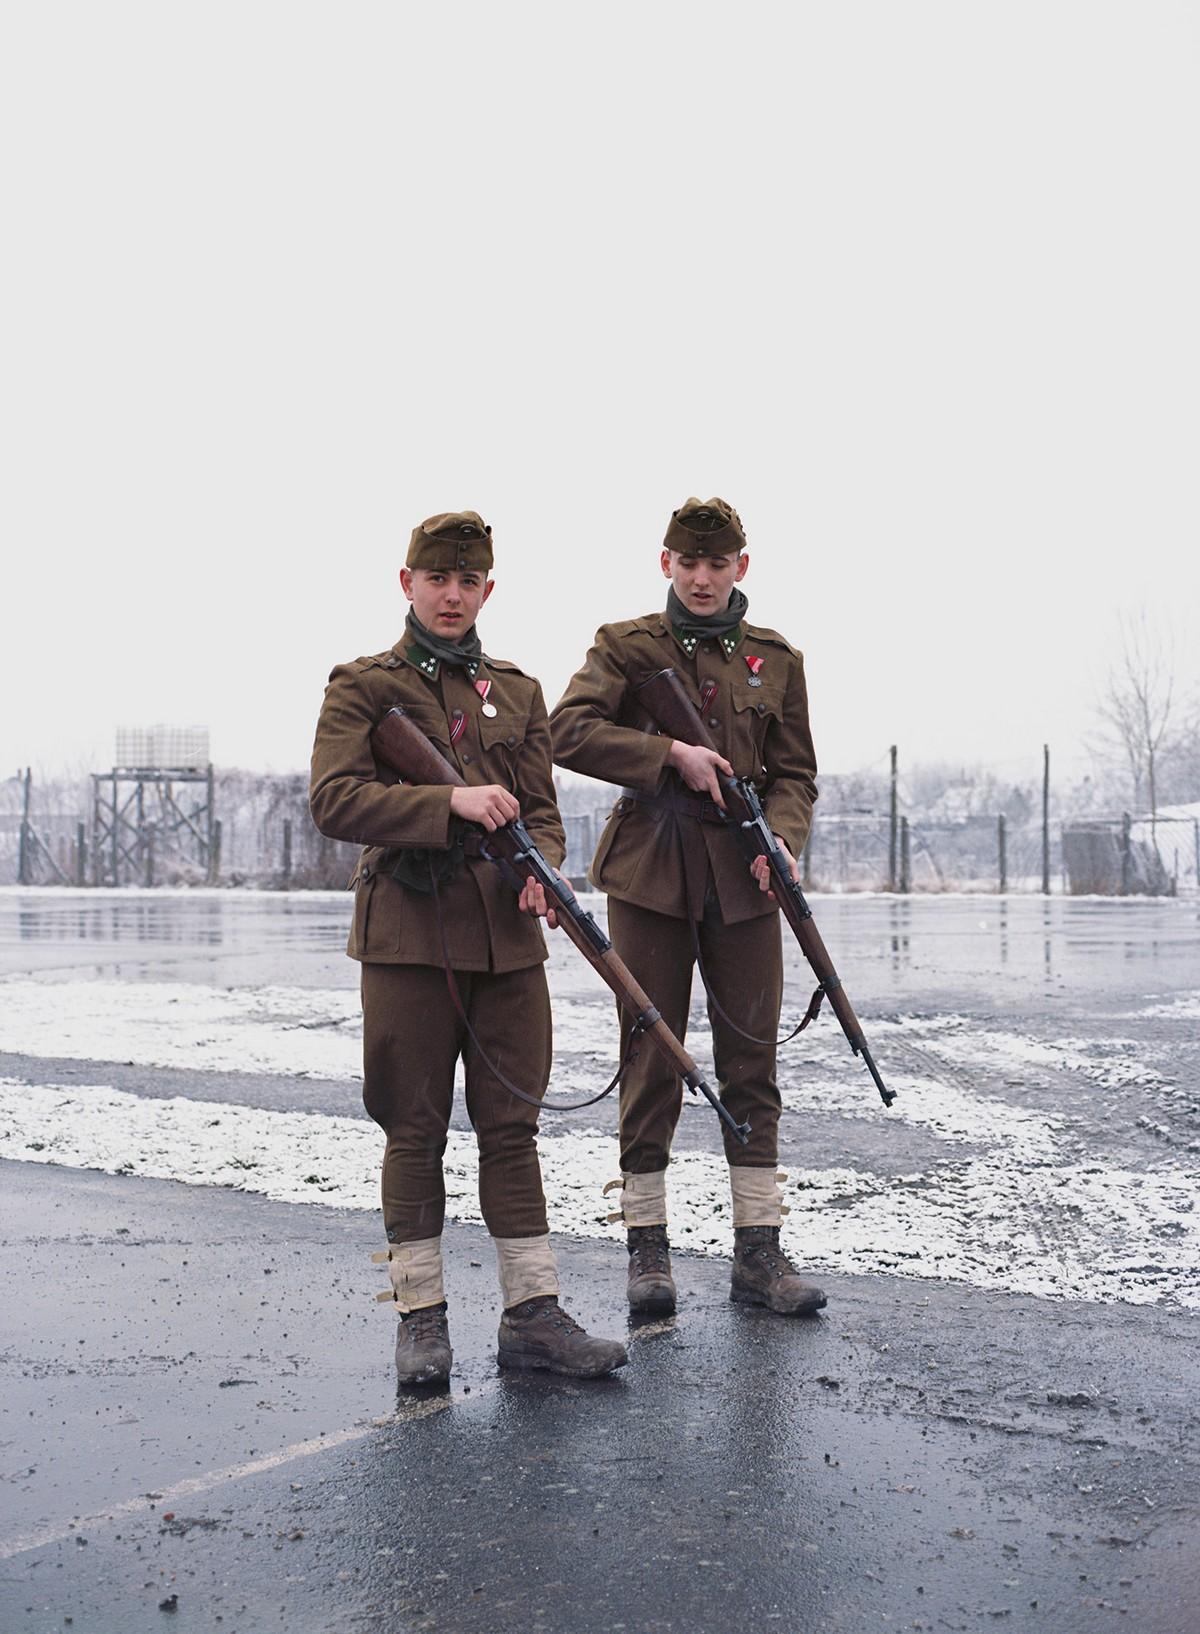 Военный детский лагерь с муштрой, пушками и поцелуями в Венгрии